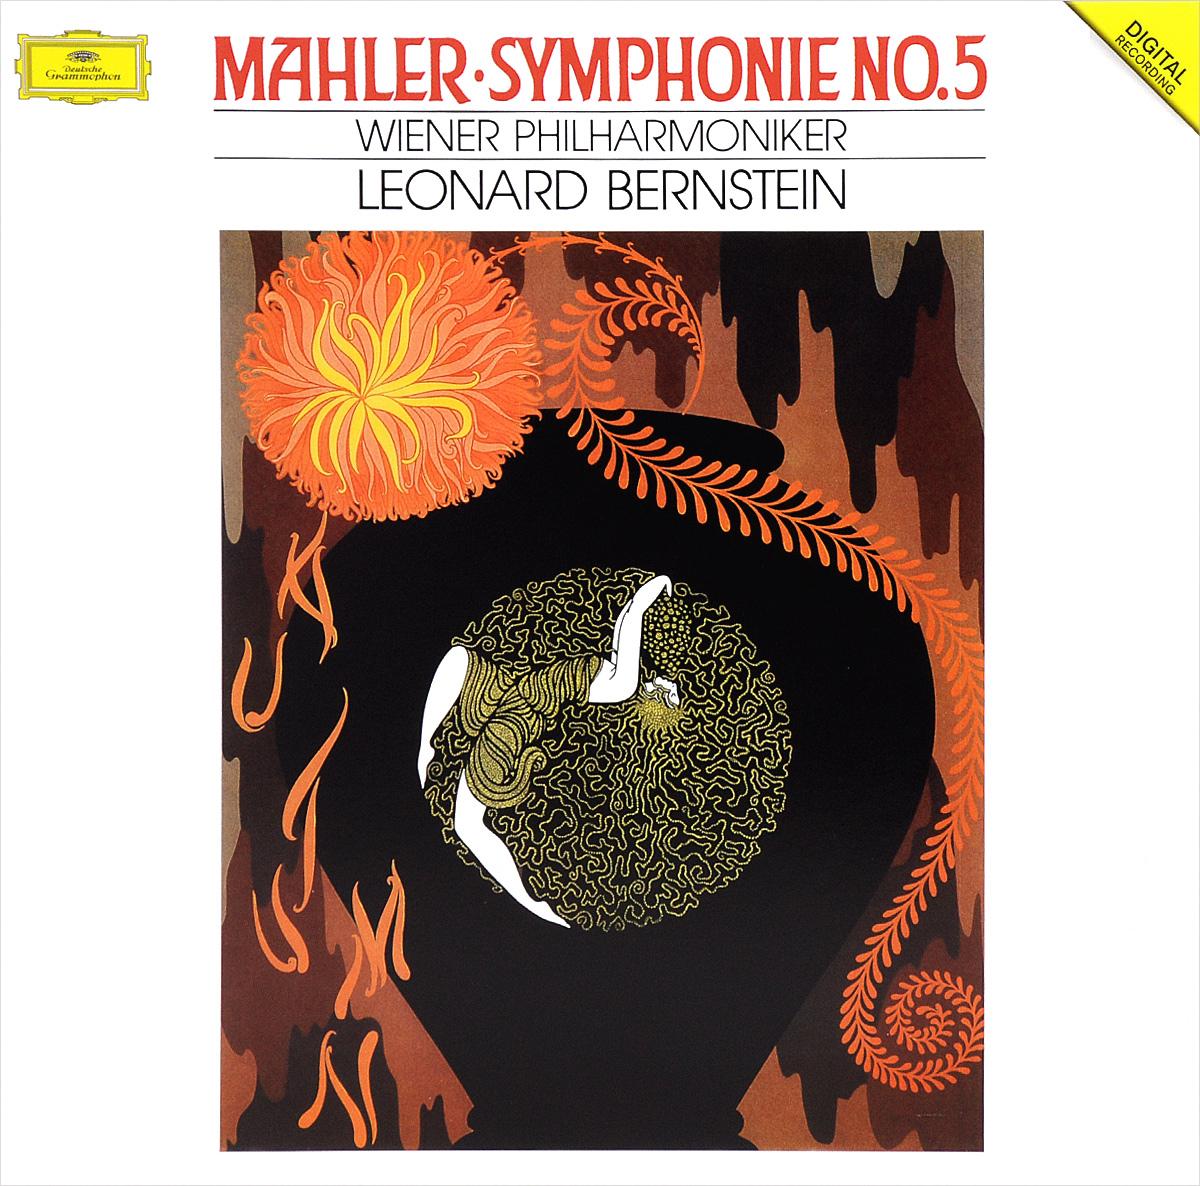 Леонард Бернштейн,Wiener Philharmoniker Leonard Bernstein. Mahler. Symphonie No. 5 (2 LP) wiener philharmoniker pierre boulez mahler das klagende lied berg lulu suite